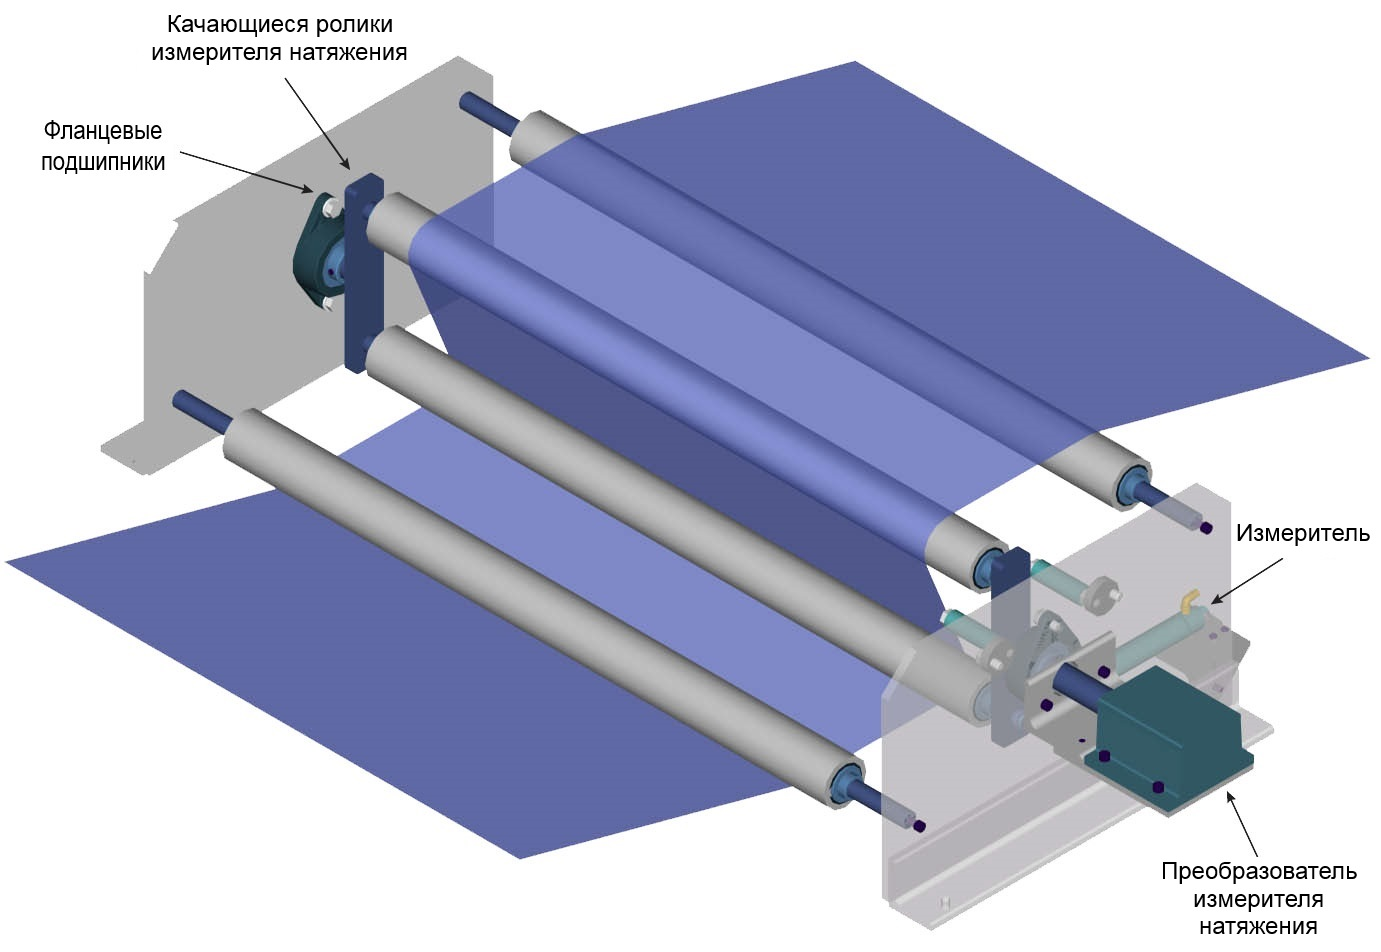 Регулятор натяжения перемоточного станка с датчиком положения